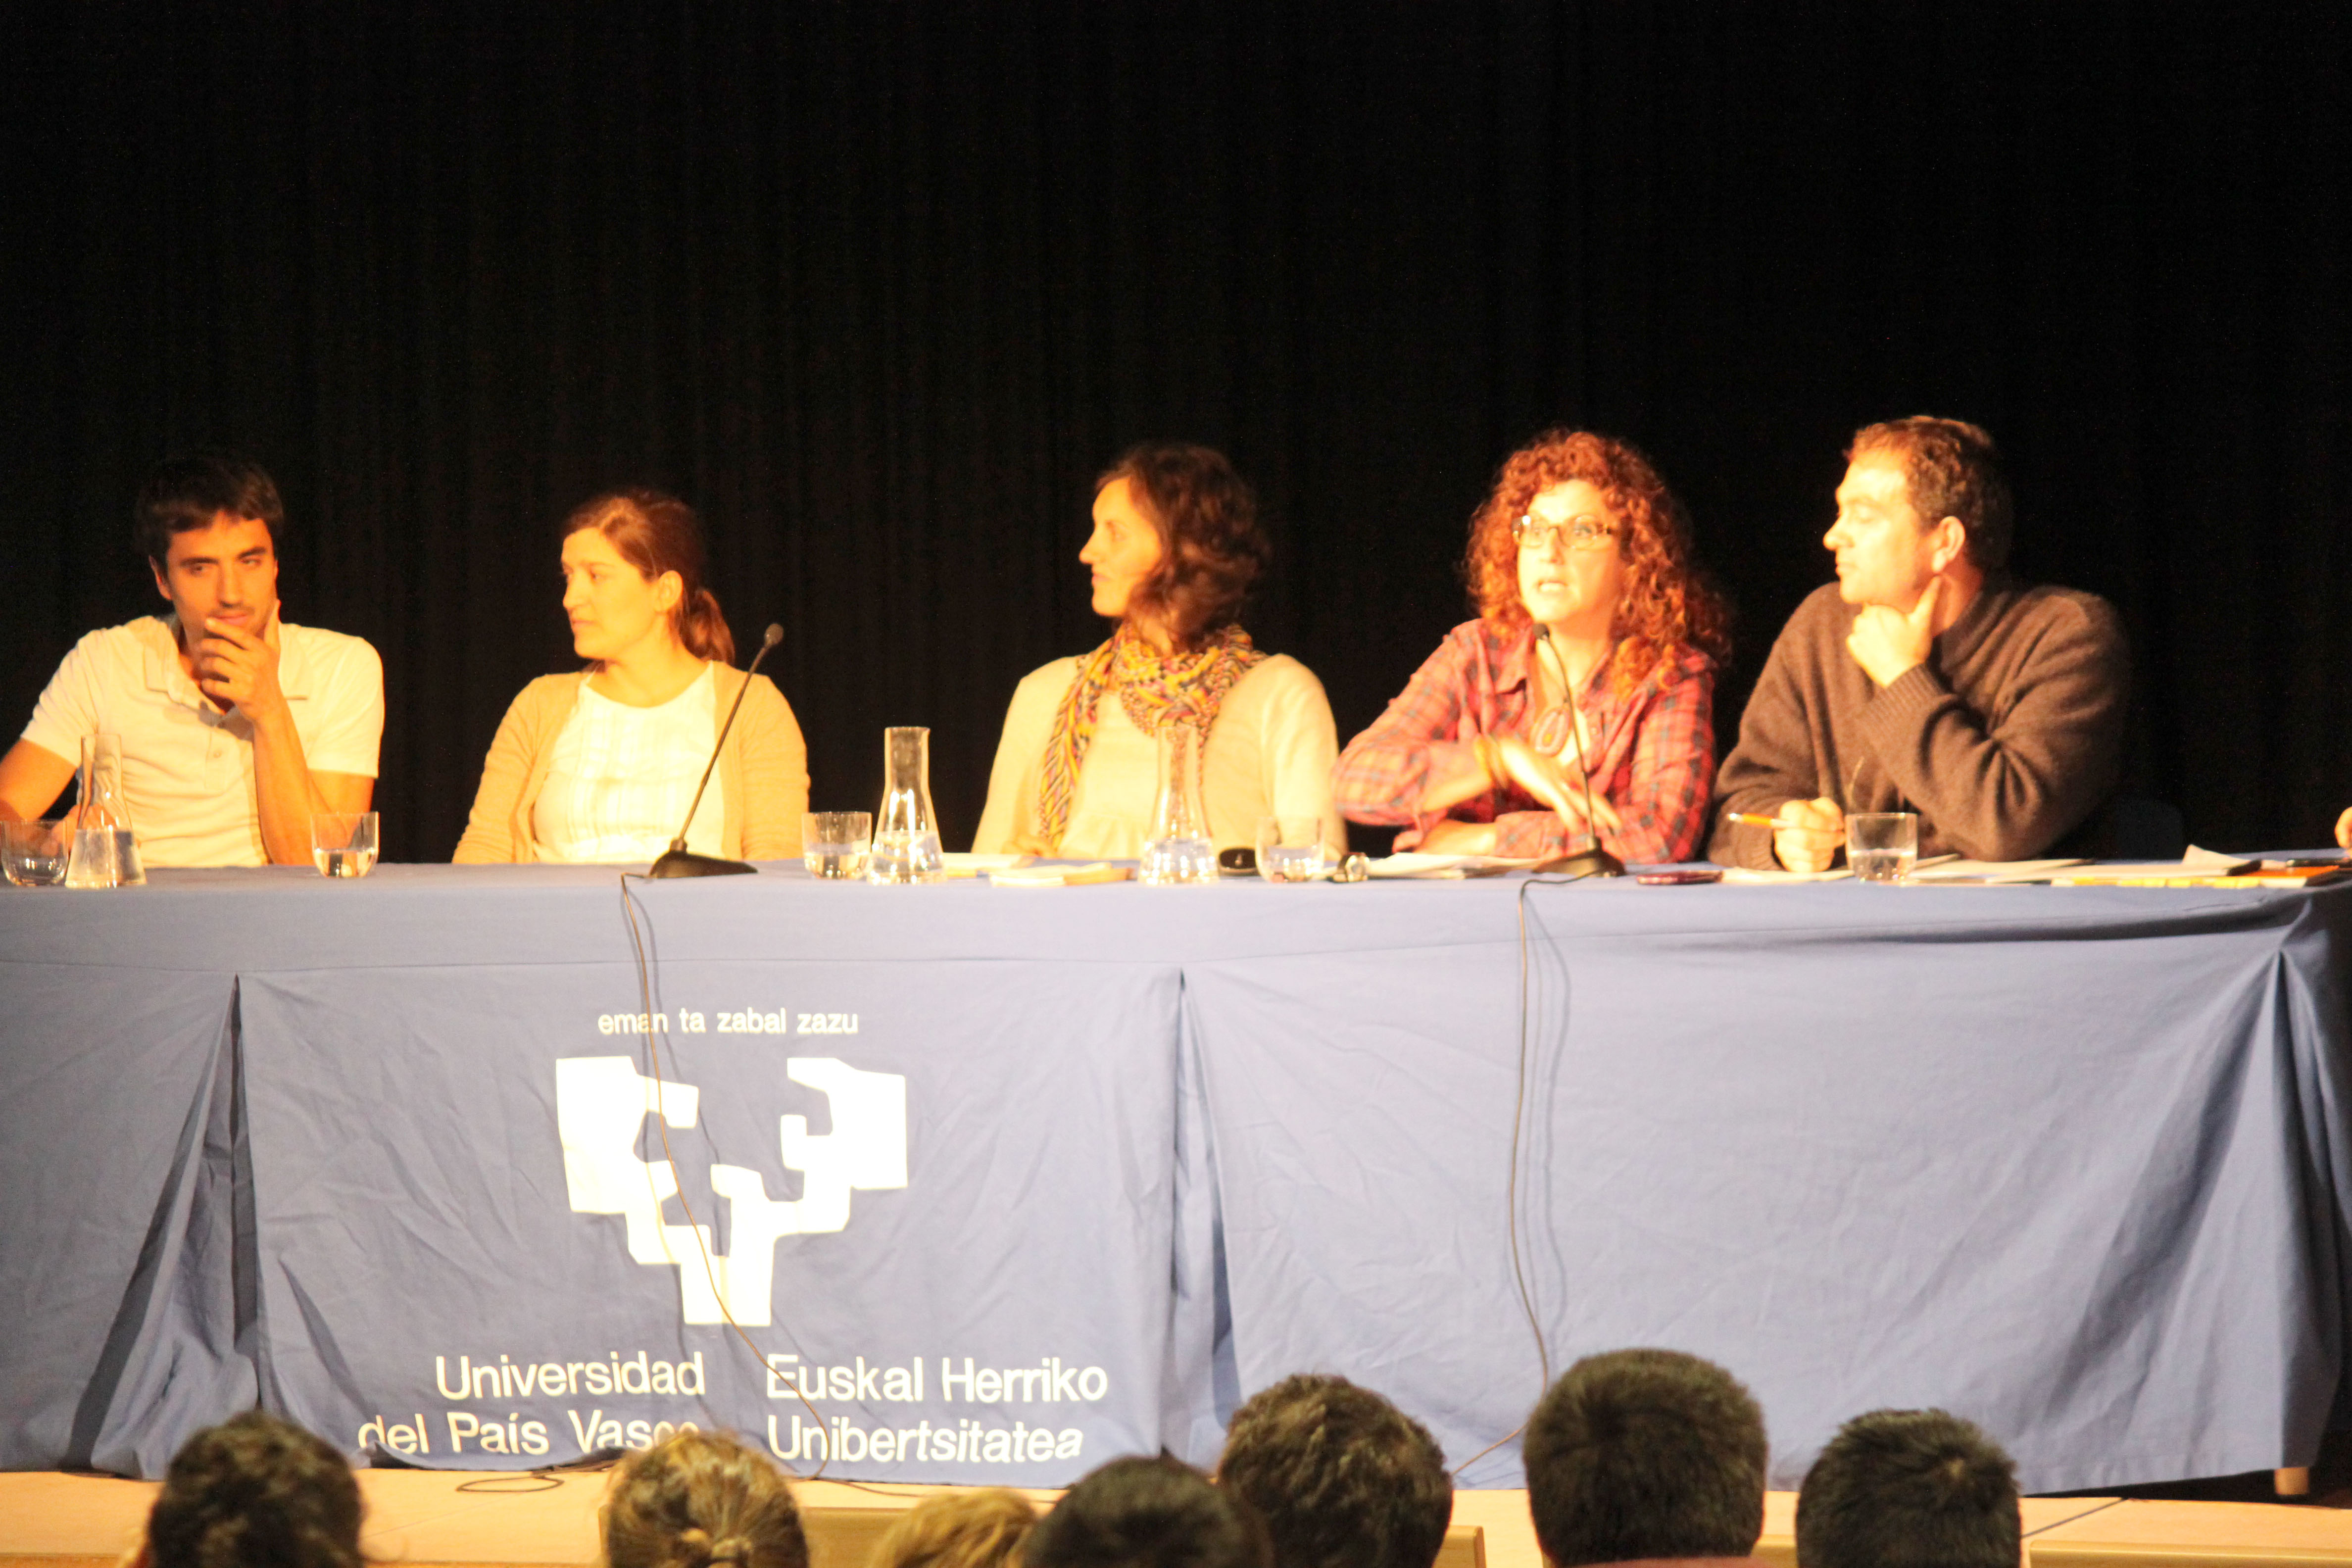 imagen 2 de noticia: kursaal-green-presenta-un-taller-sobre-bioconstruccin-en-el-congreso-nacional-de-estudiantes-de-arquitectura